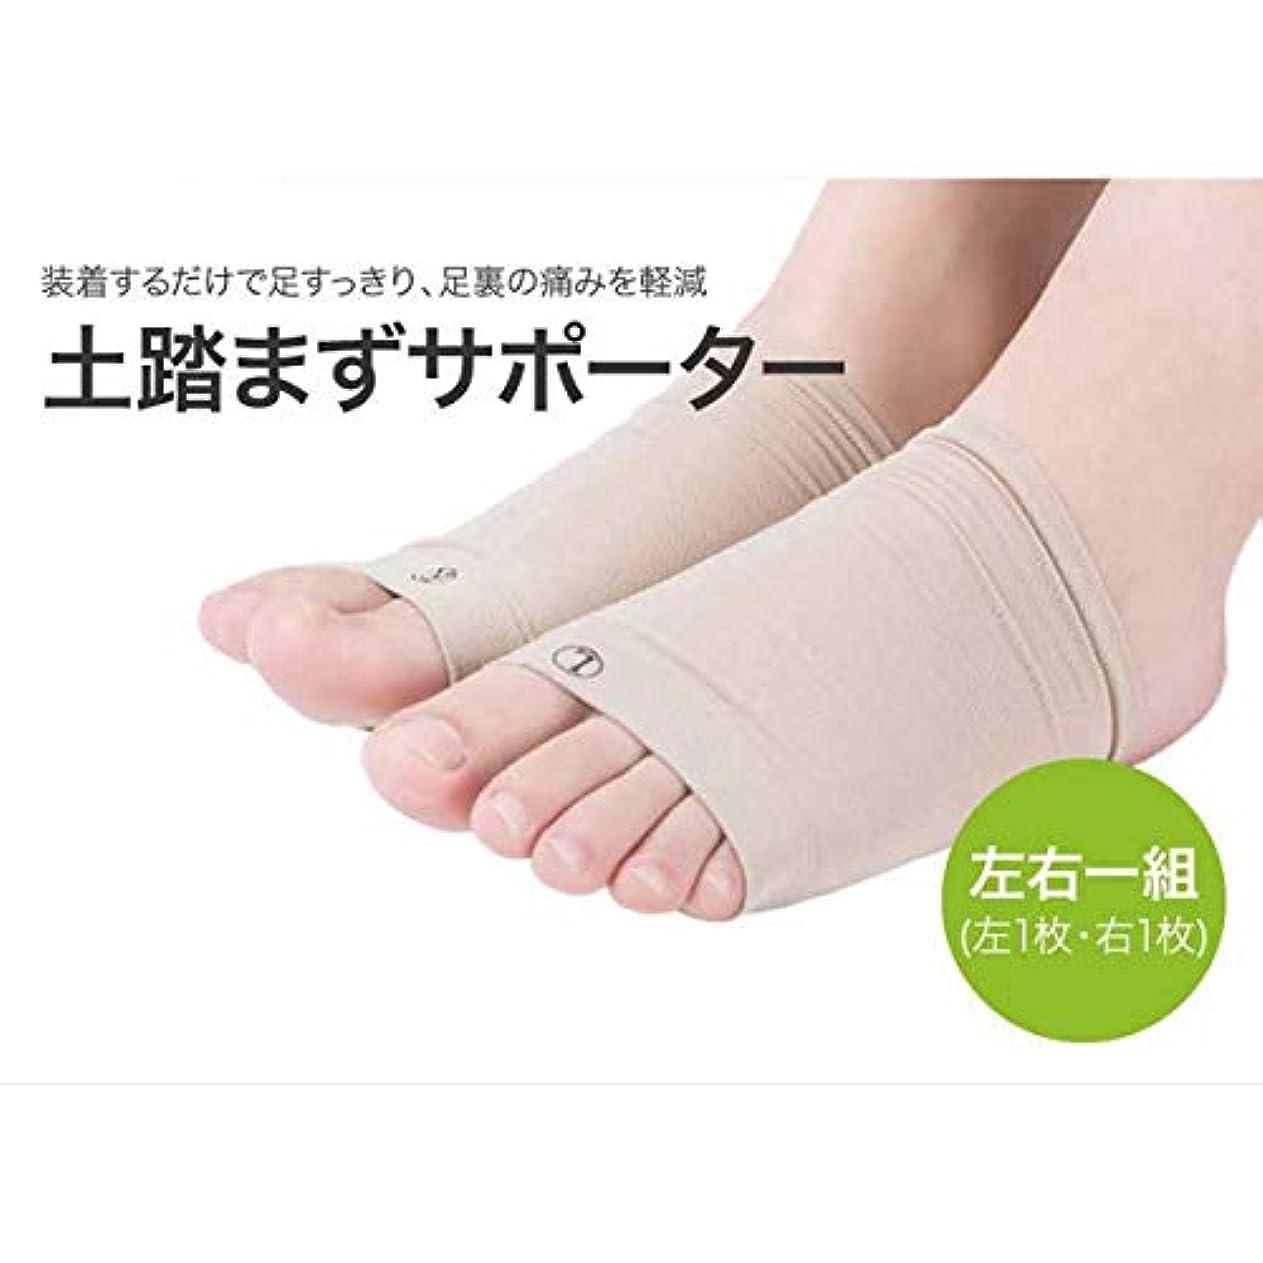 拍手陰気枕土踏まずサポーター 左右1組セット 偏平足 シリコン 足底筋膜炎 足底腱膜炎 痛み だるさ 足底筋膜 足裏 アーチ サポート